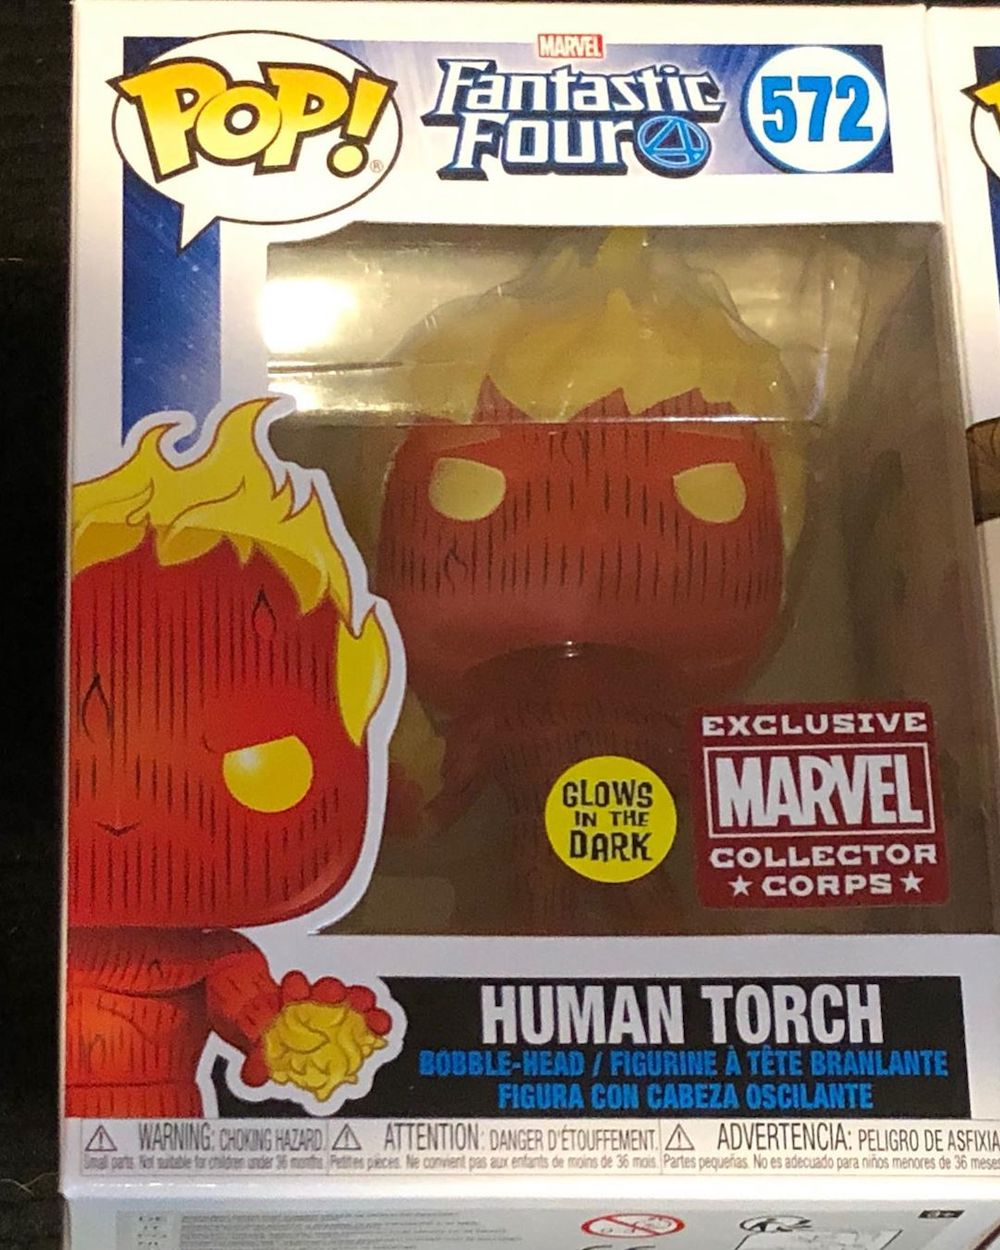 Фанко Марвел Коллектор Корпс Бокс Фантастическая четверка Человек Факел светящийся в темноте